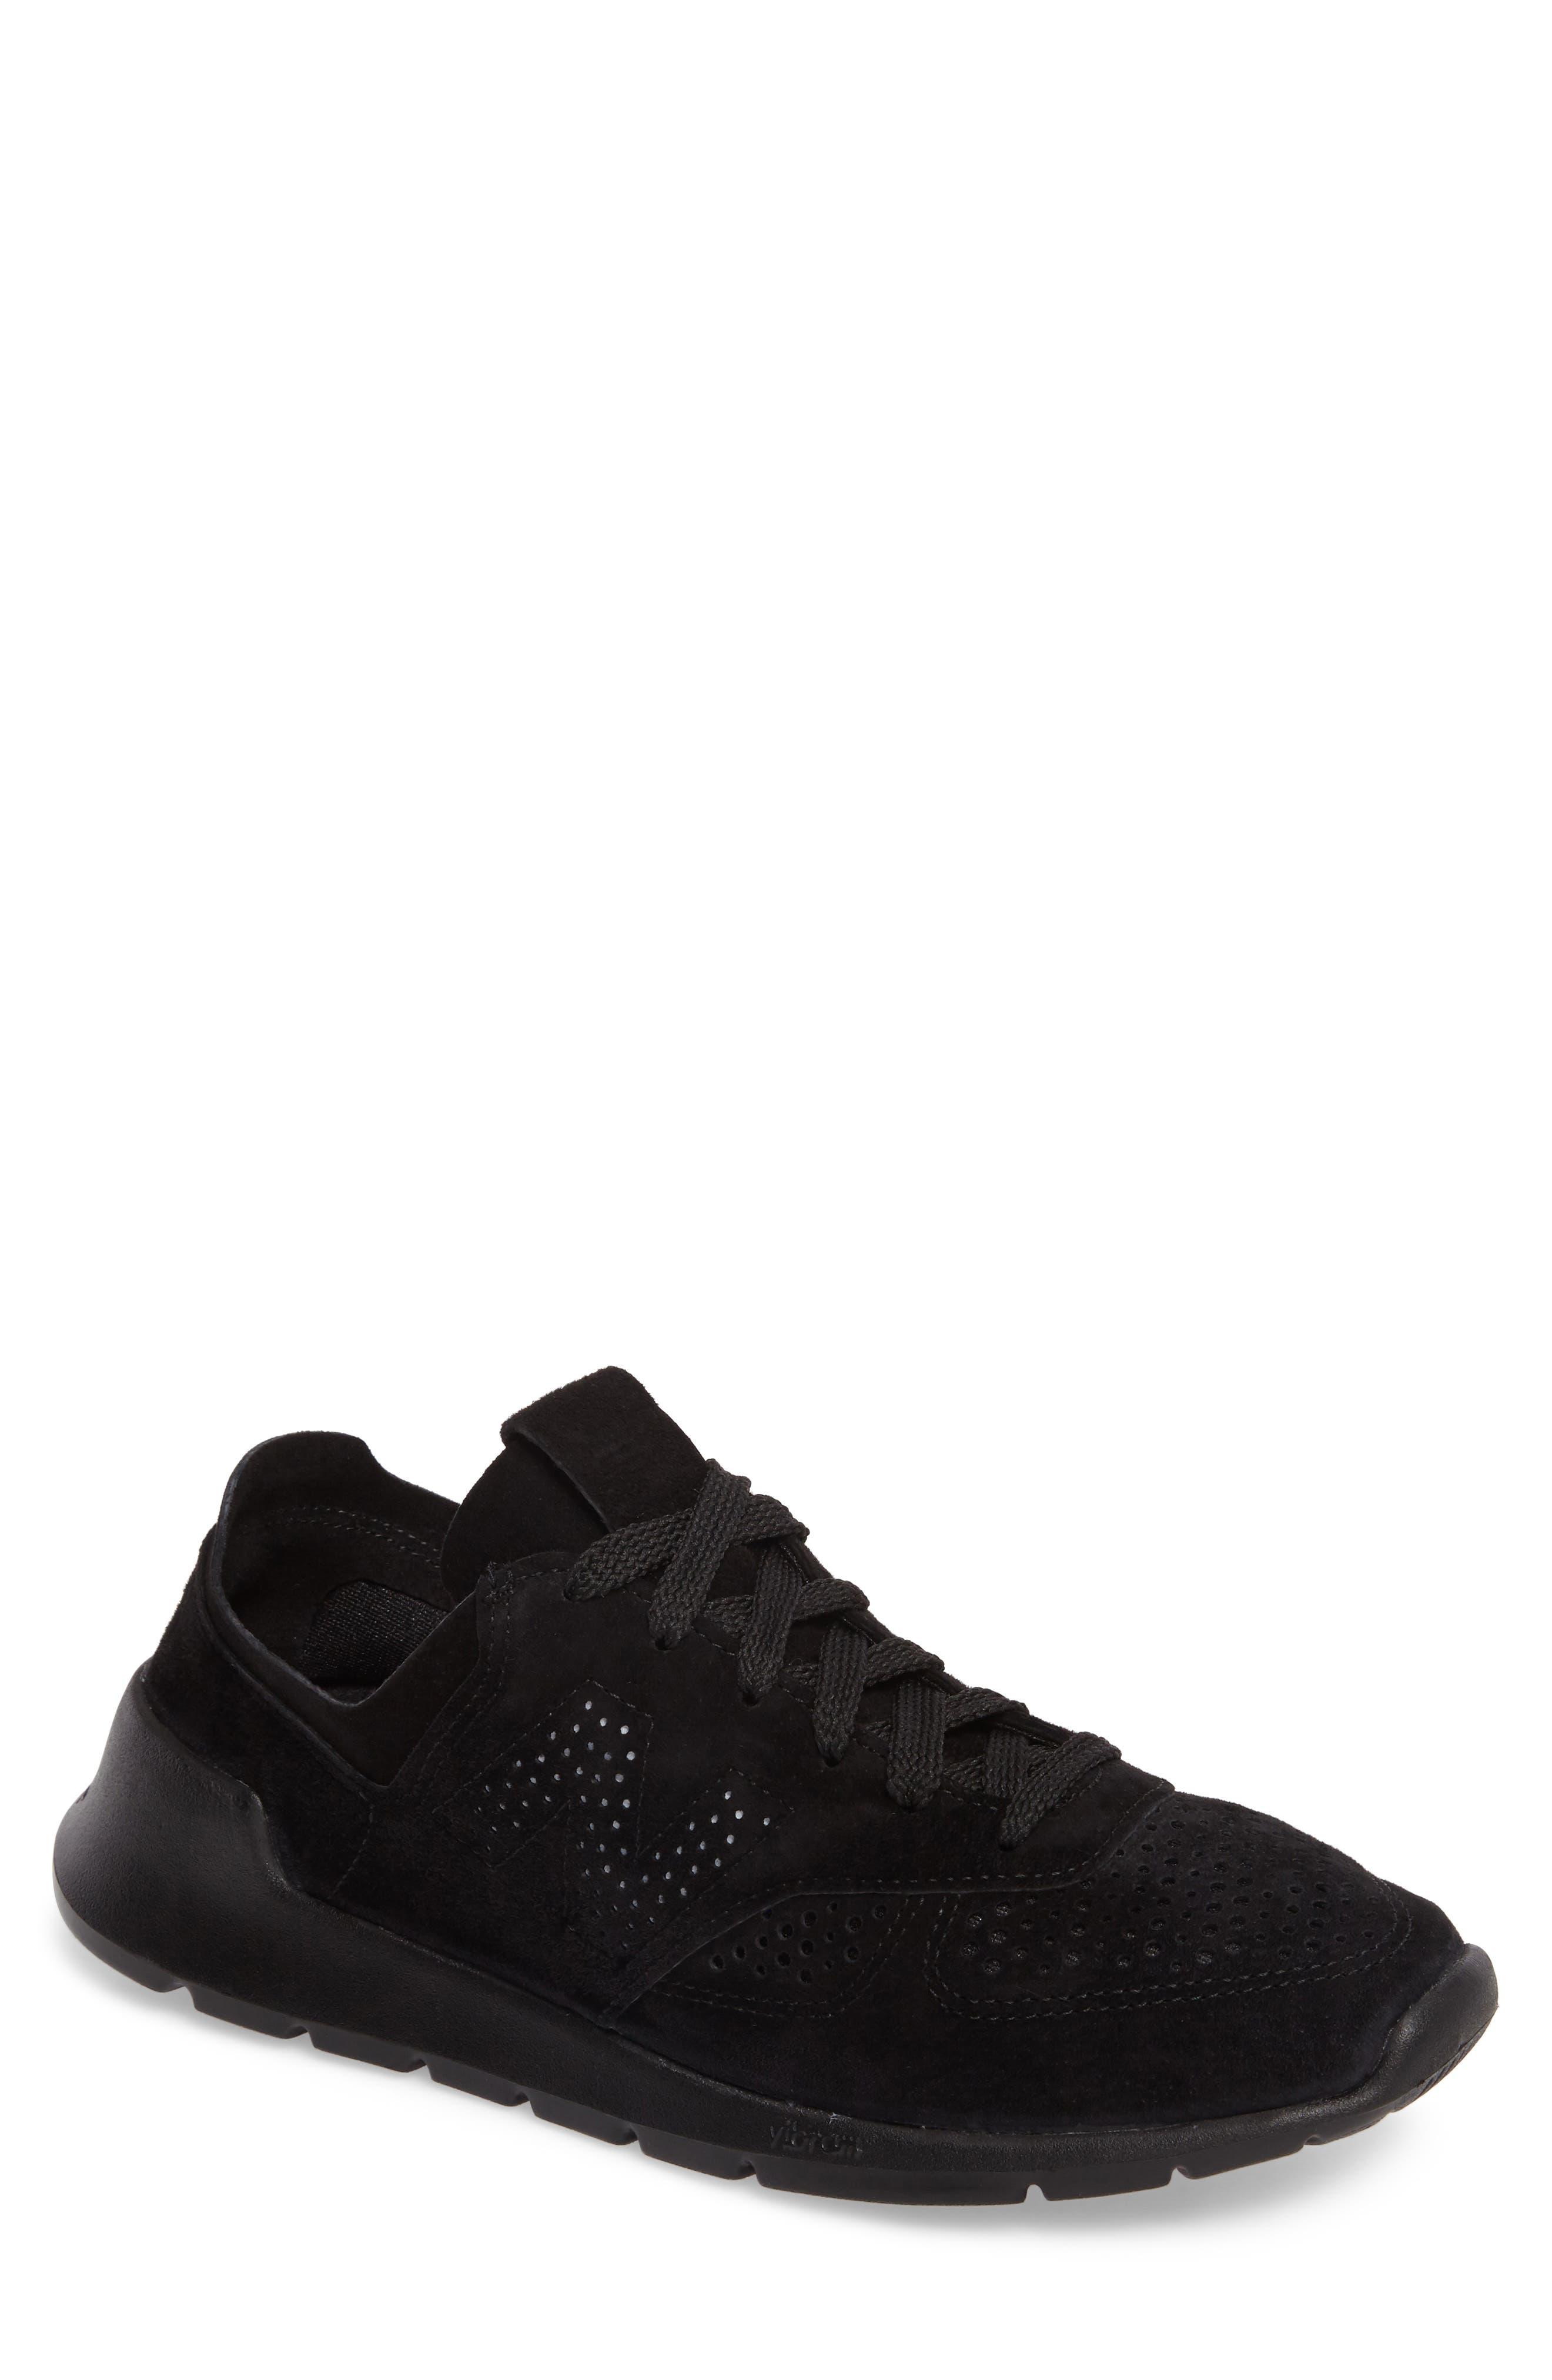 1978 Sneaker,                         Main,                         color, Black